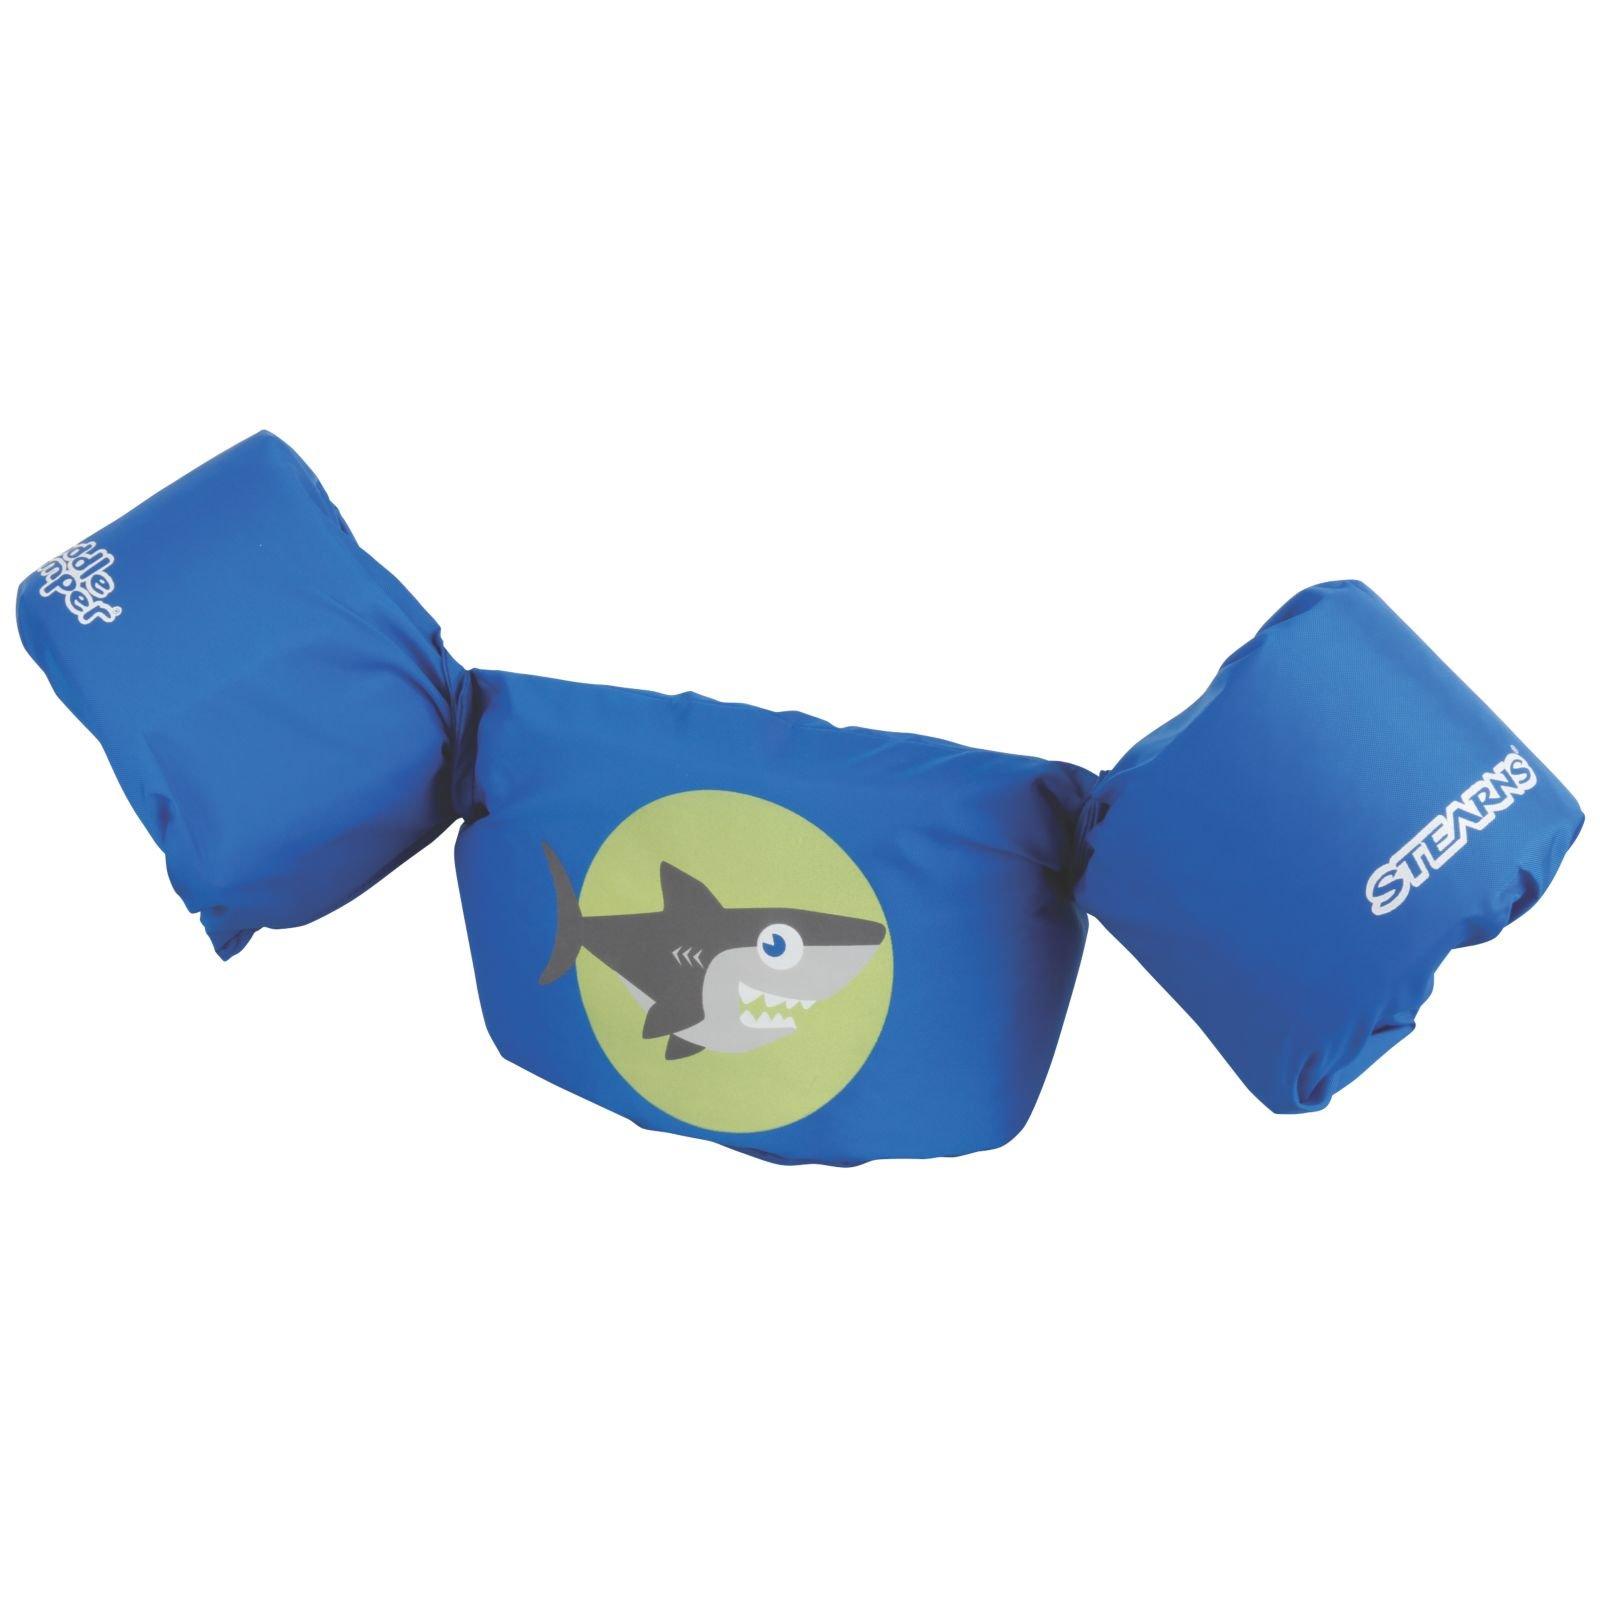 Stearns 3000003545 Puddle Jumper Child Life Jacket, Blue Shark